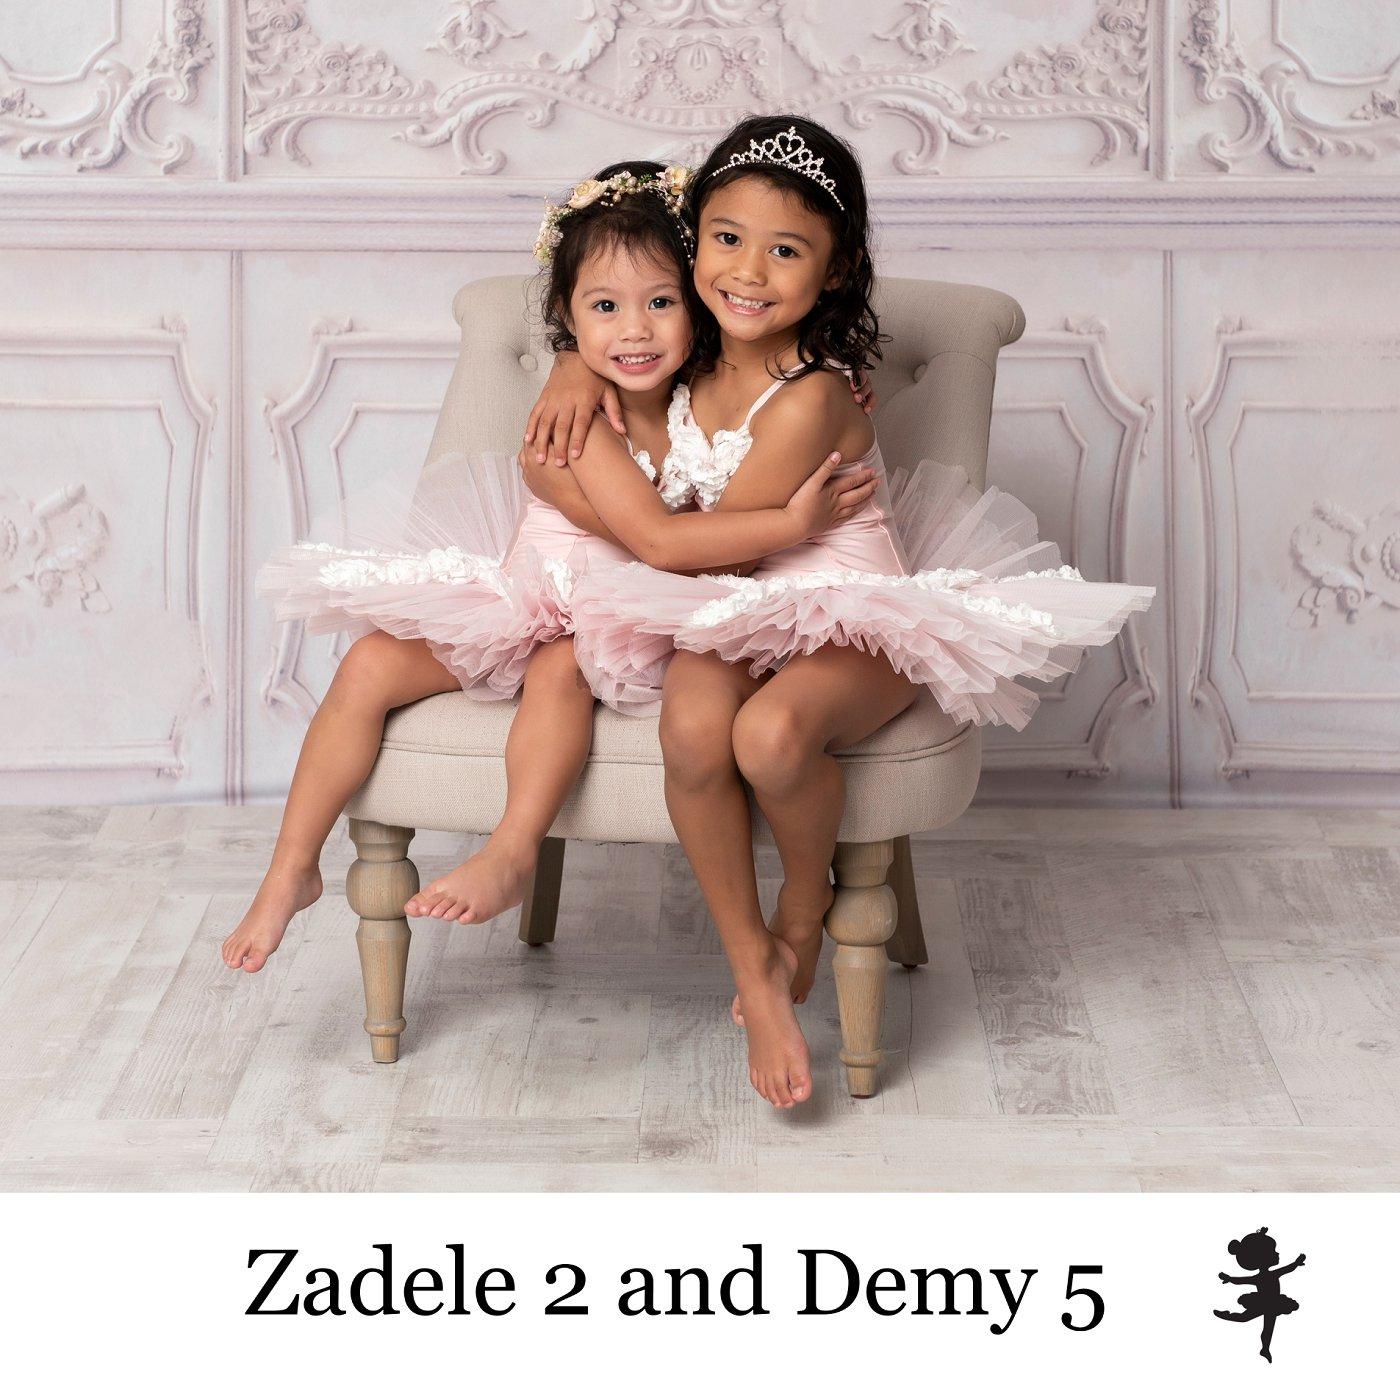 LB3219-Demy5 Zadele2.jpg